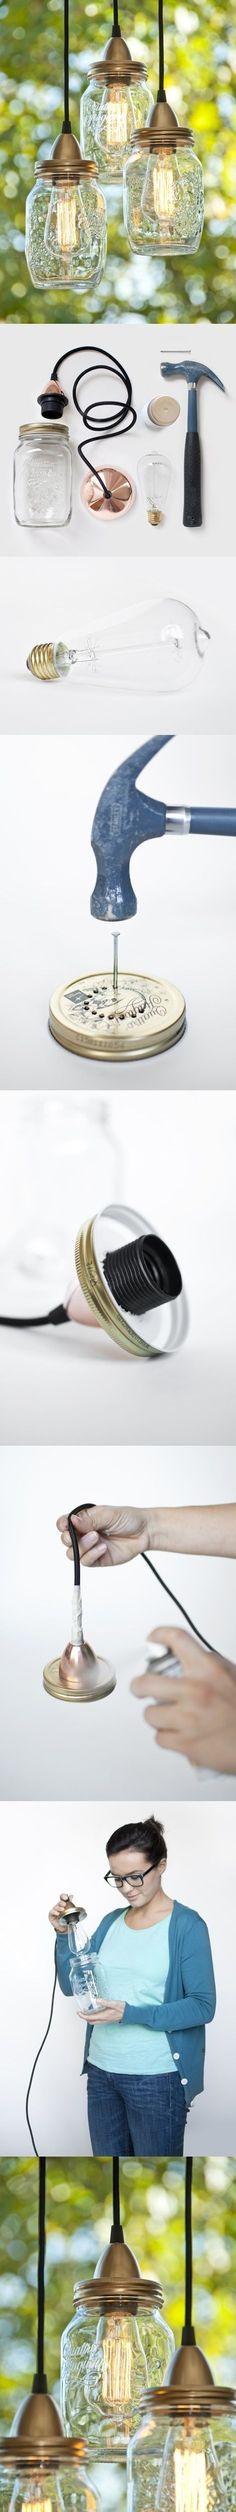 """ORIGINAL LAMPARA DE ESTILO """"COUNTRY"""". Otra nueva idea de decoración en nuestro BLOG de IN CIVITAS. http://incivitas.wordpress.com/ideas-y-creatividad-en-el-hogar/original-lampara-de-estilo-country/"""